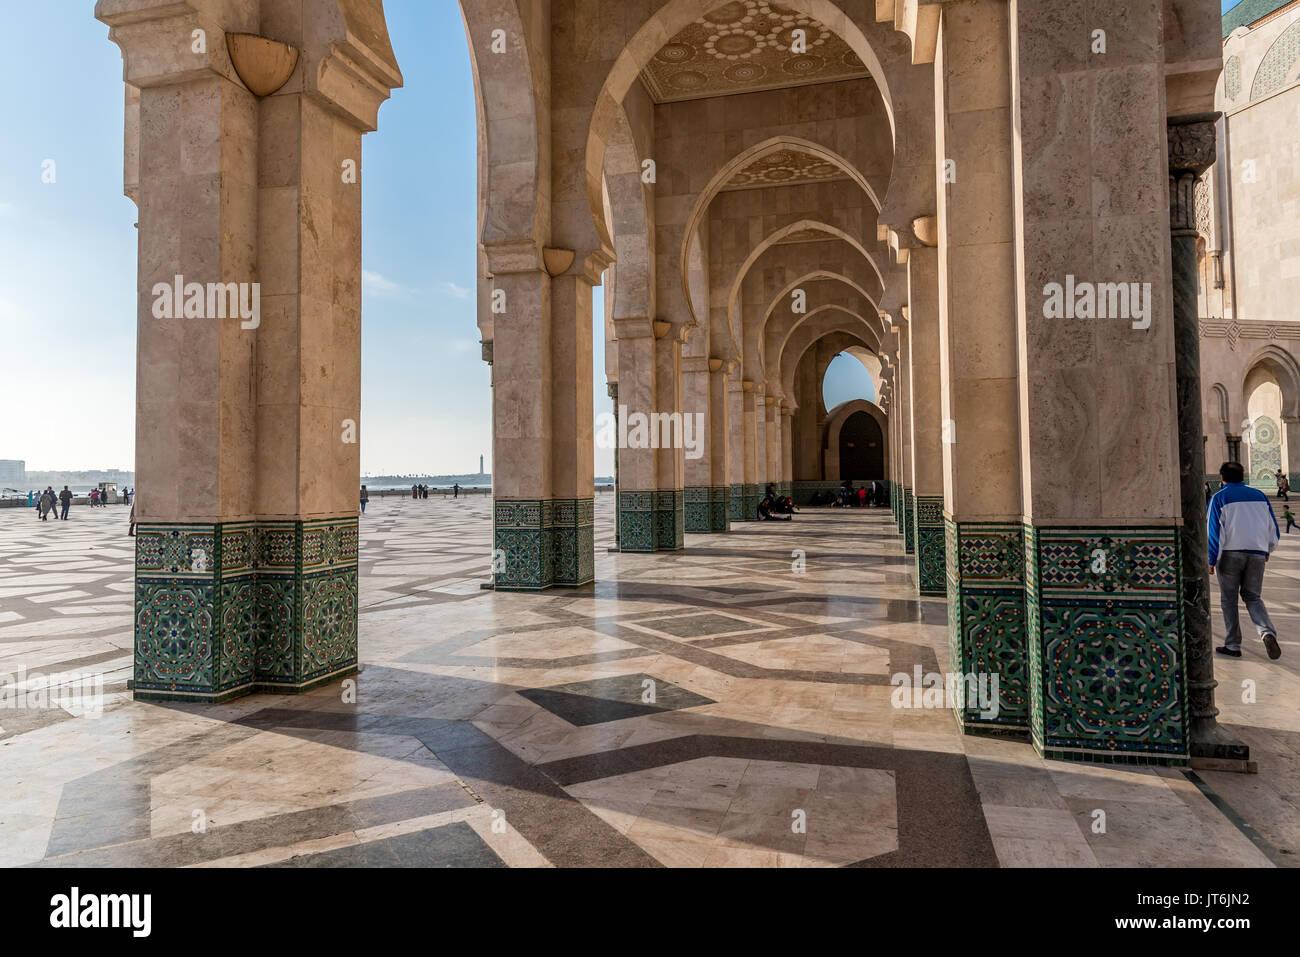 Arcade con decorazione islamica, la Moschea Hassan II a Casablanca, Marocco Immagini Stock